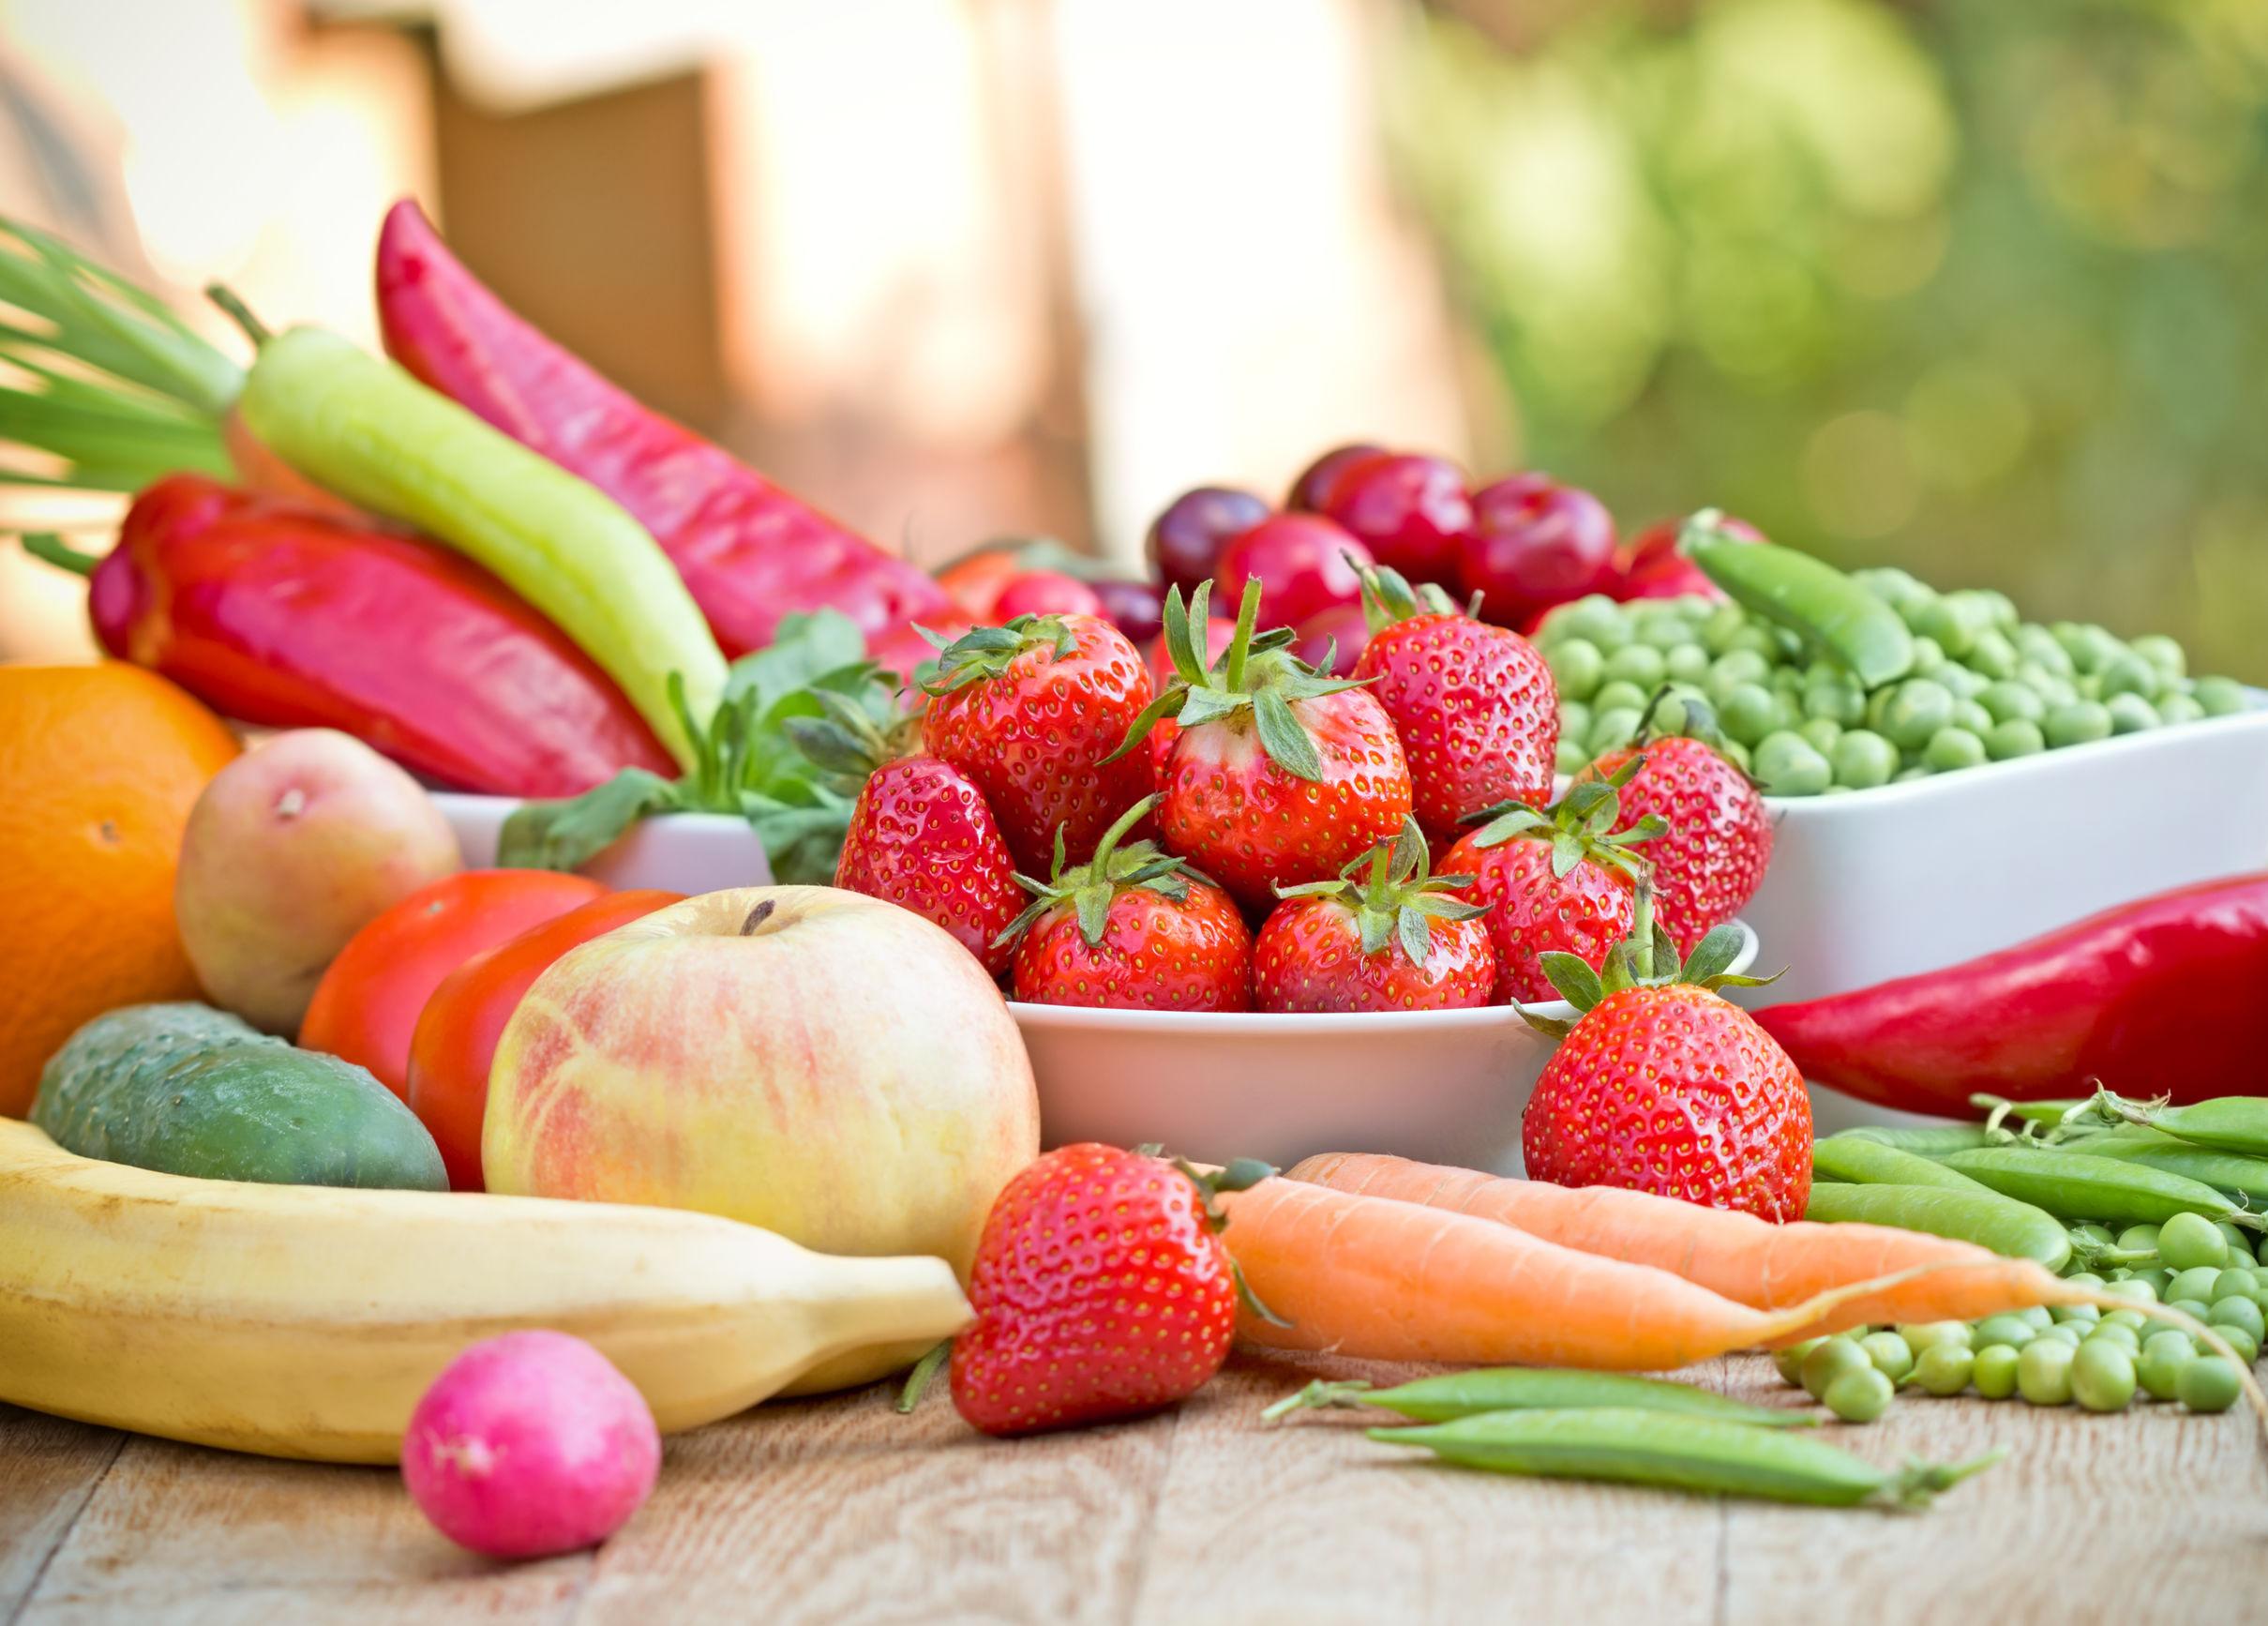 alimenti per migliorare la salute dellapparato digerente cosa bere al mattino per sgonfiare